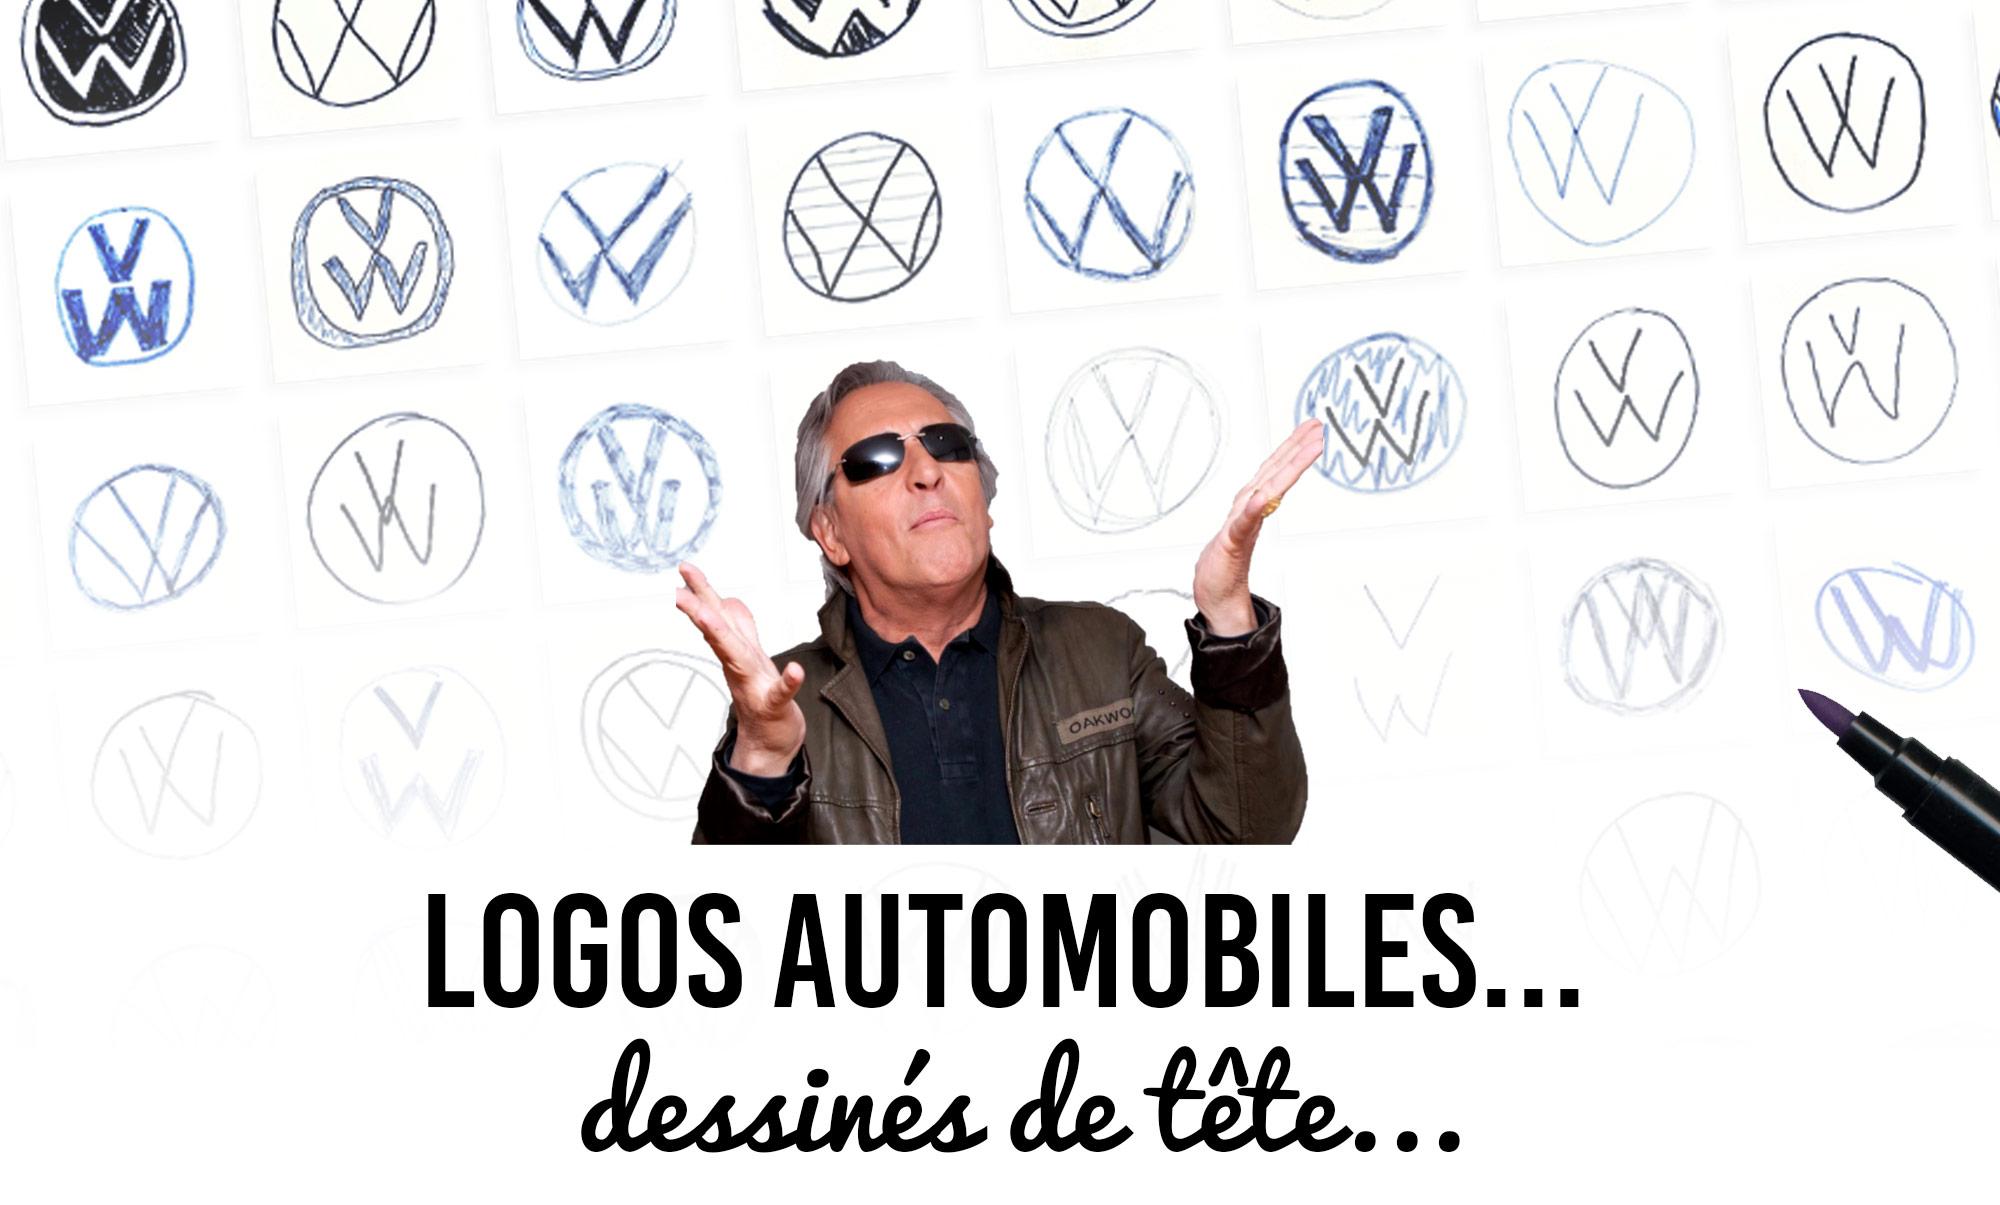 Logos automobiles dessinés de tête